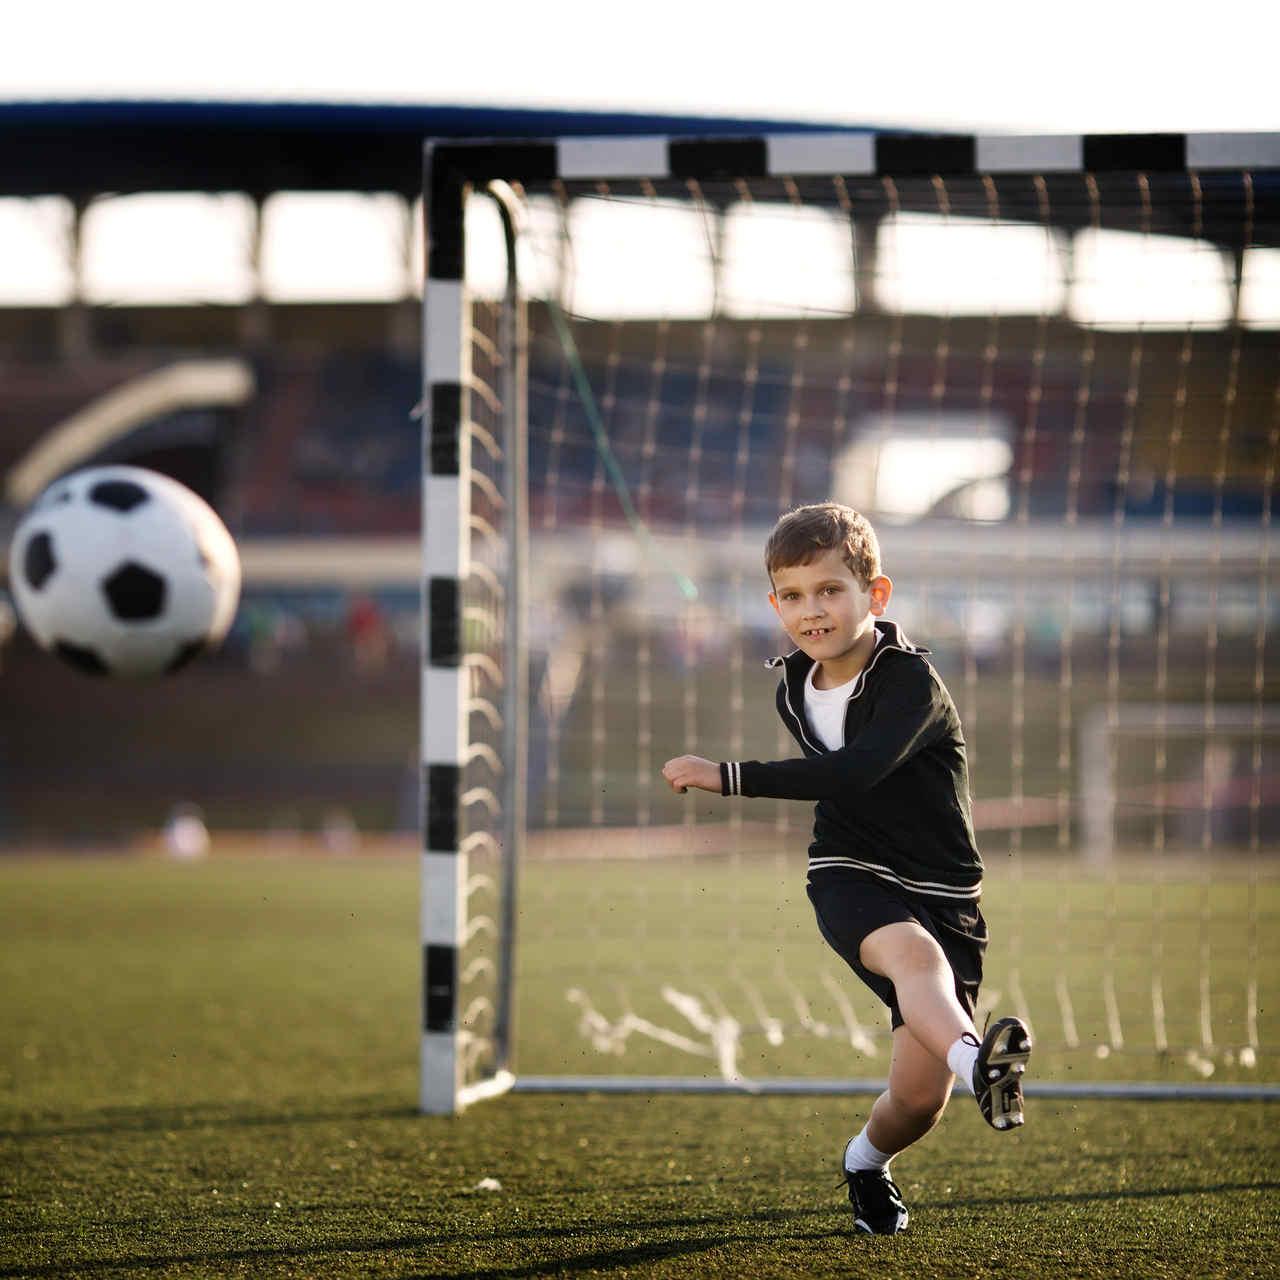 chłopiec trenujący piłkę nożną w chłodne dni